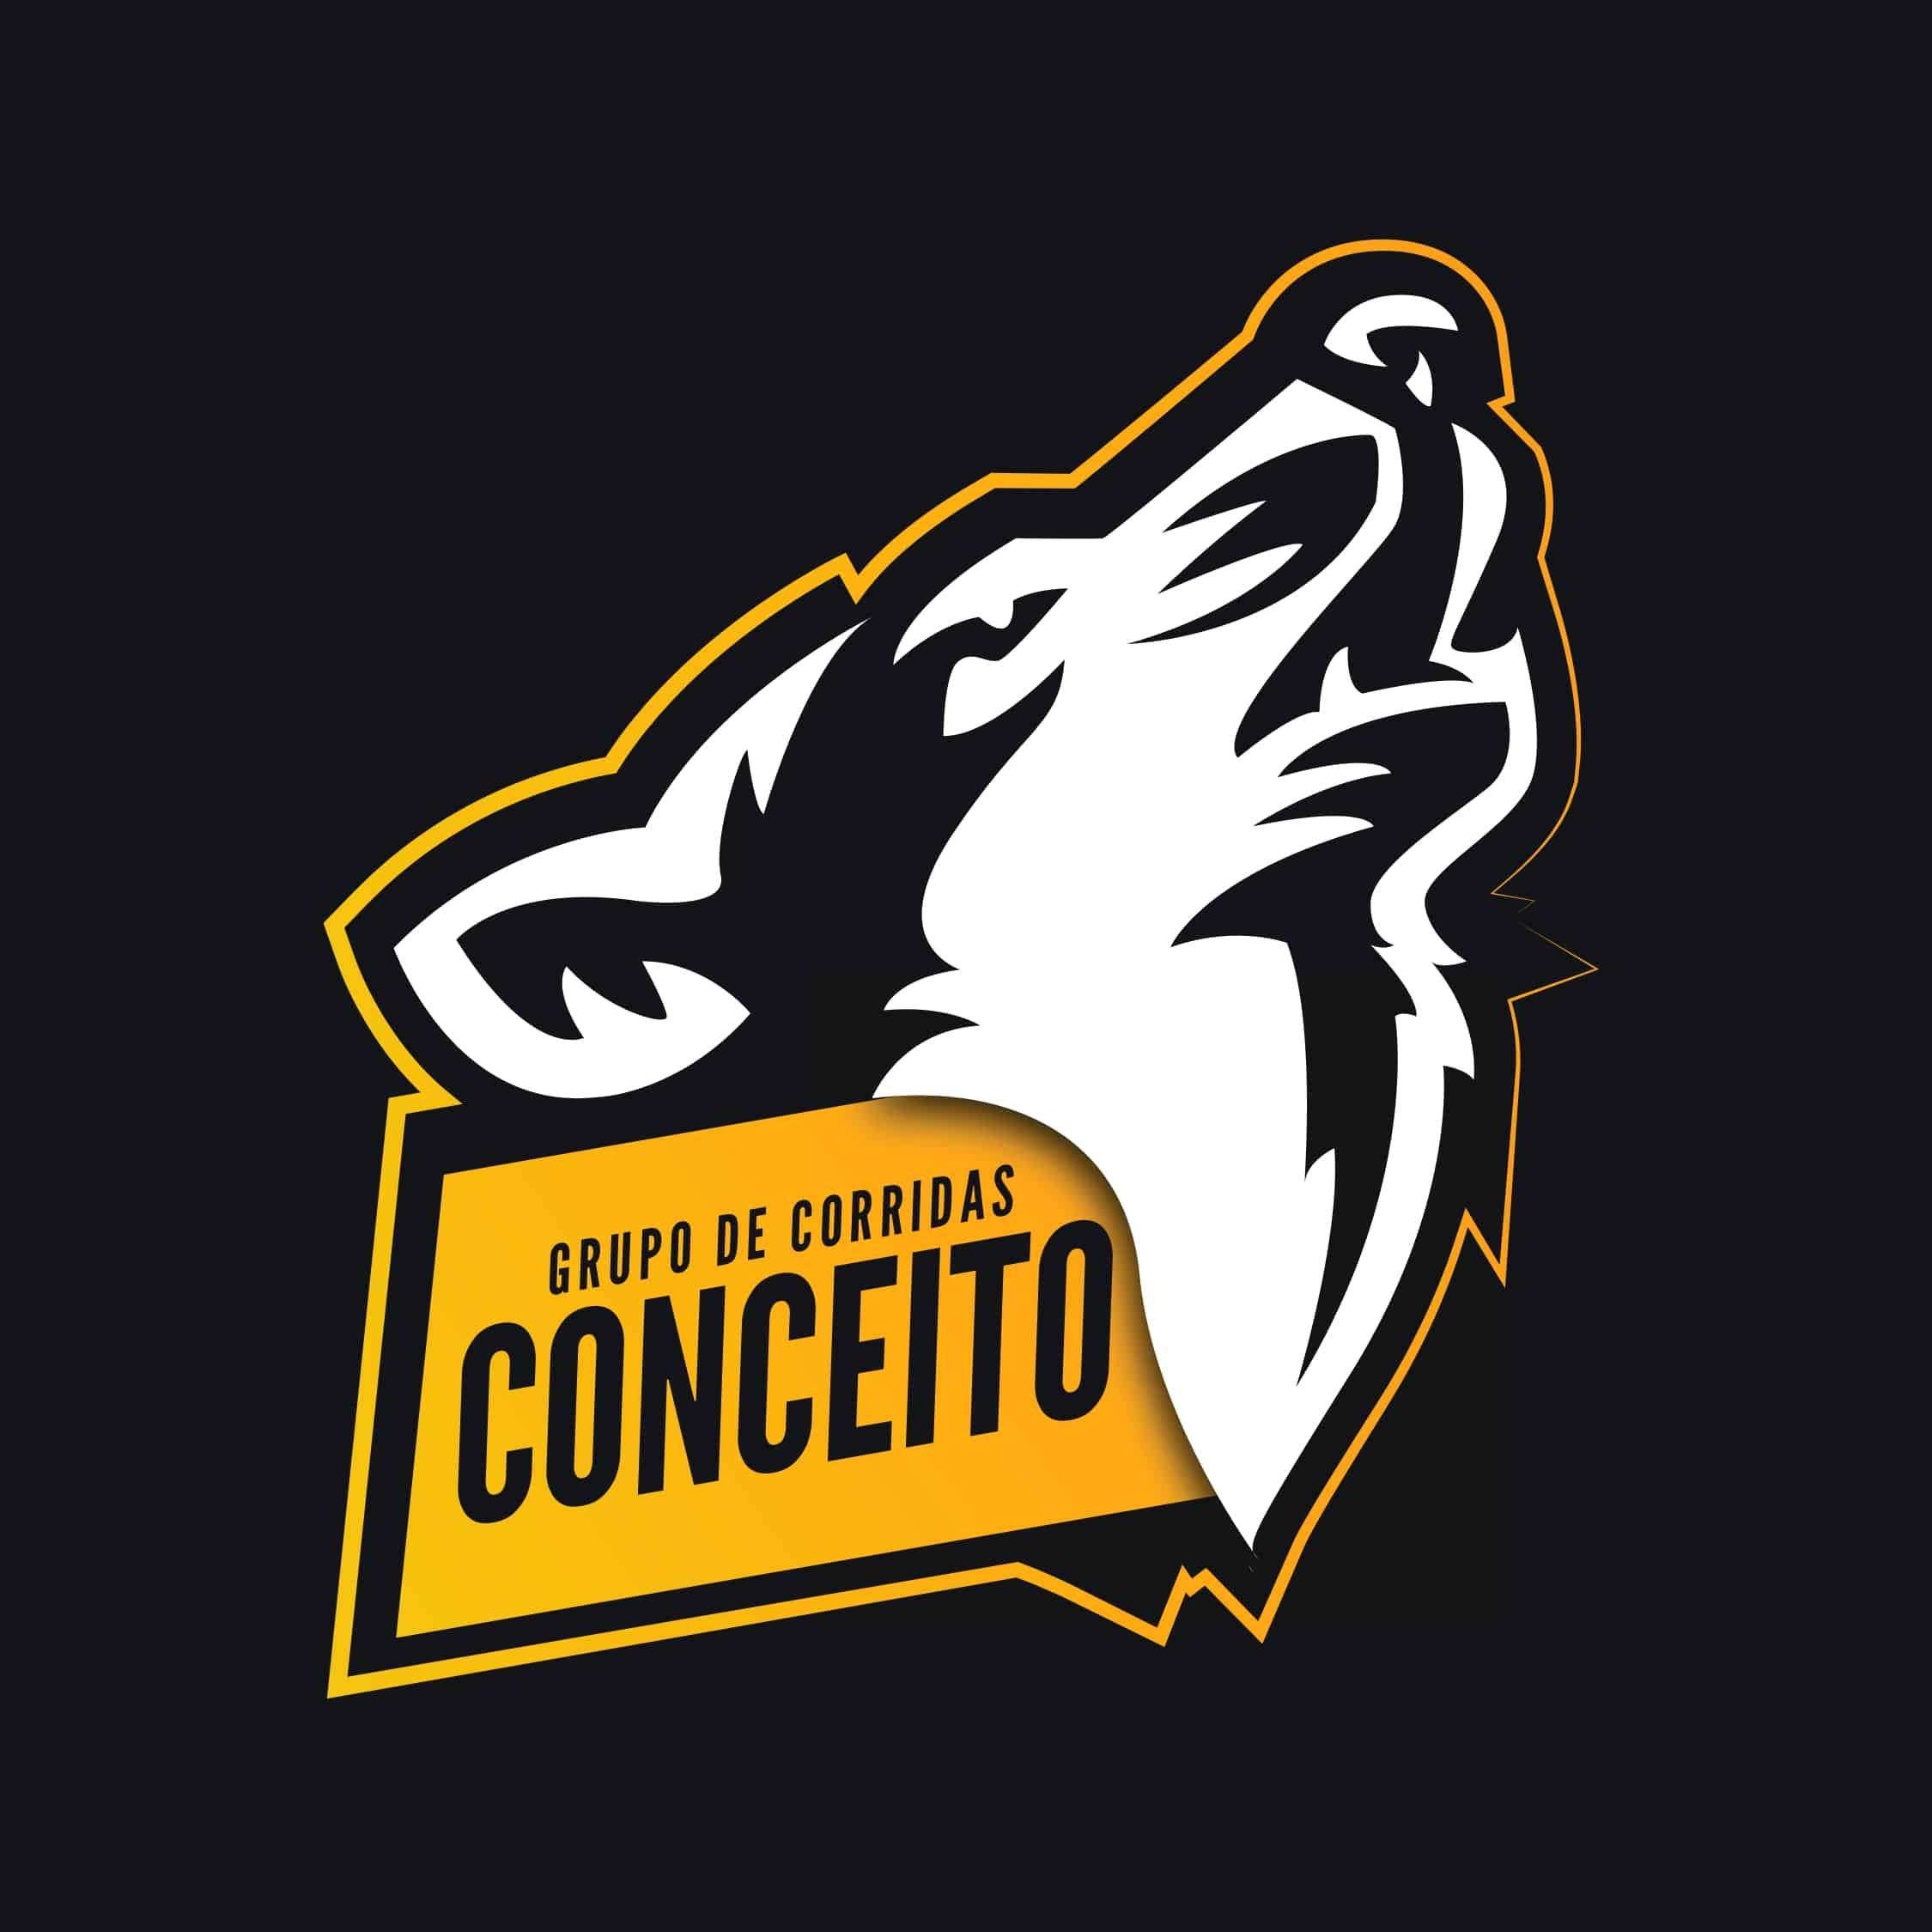 Grupo de Corridas Conceito - LOGO_page-0001